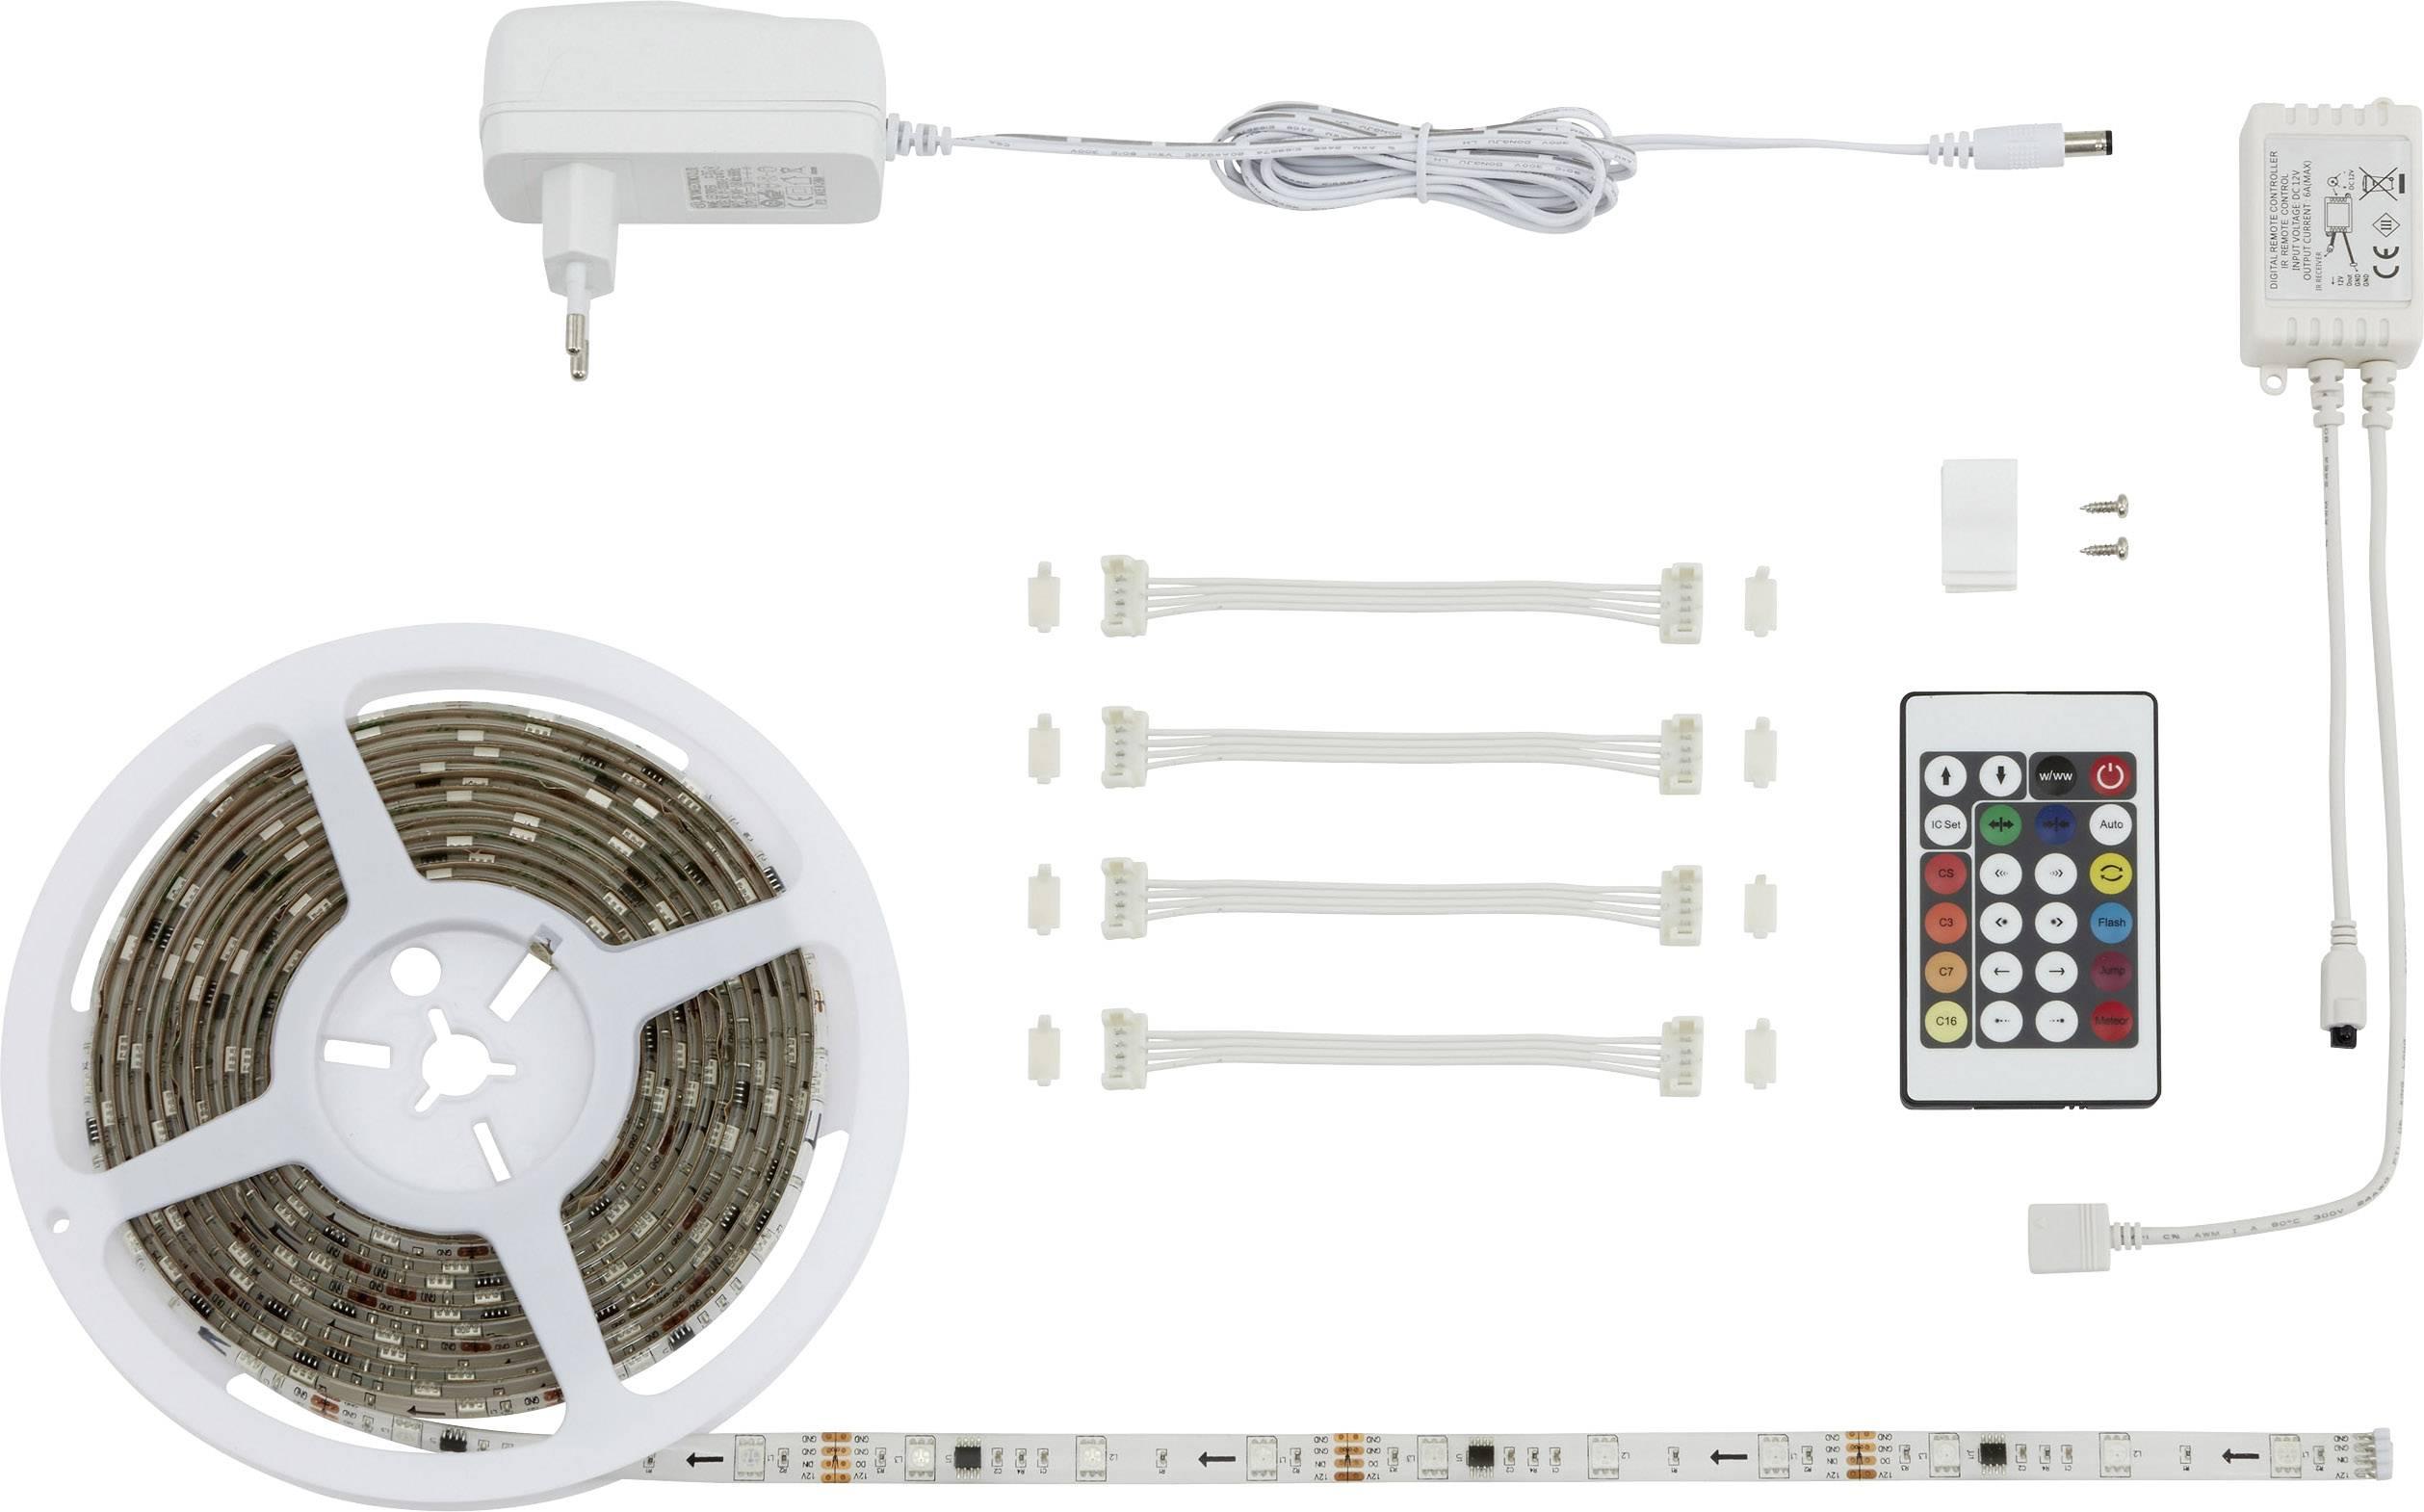 Fachbodenhalter für Tresor Modell TAS21 TAS22 TAS23 TAS24 TAS25 TAS26-4 Stück